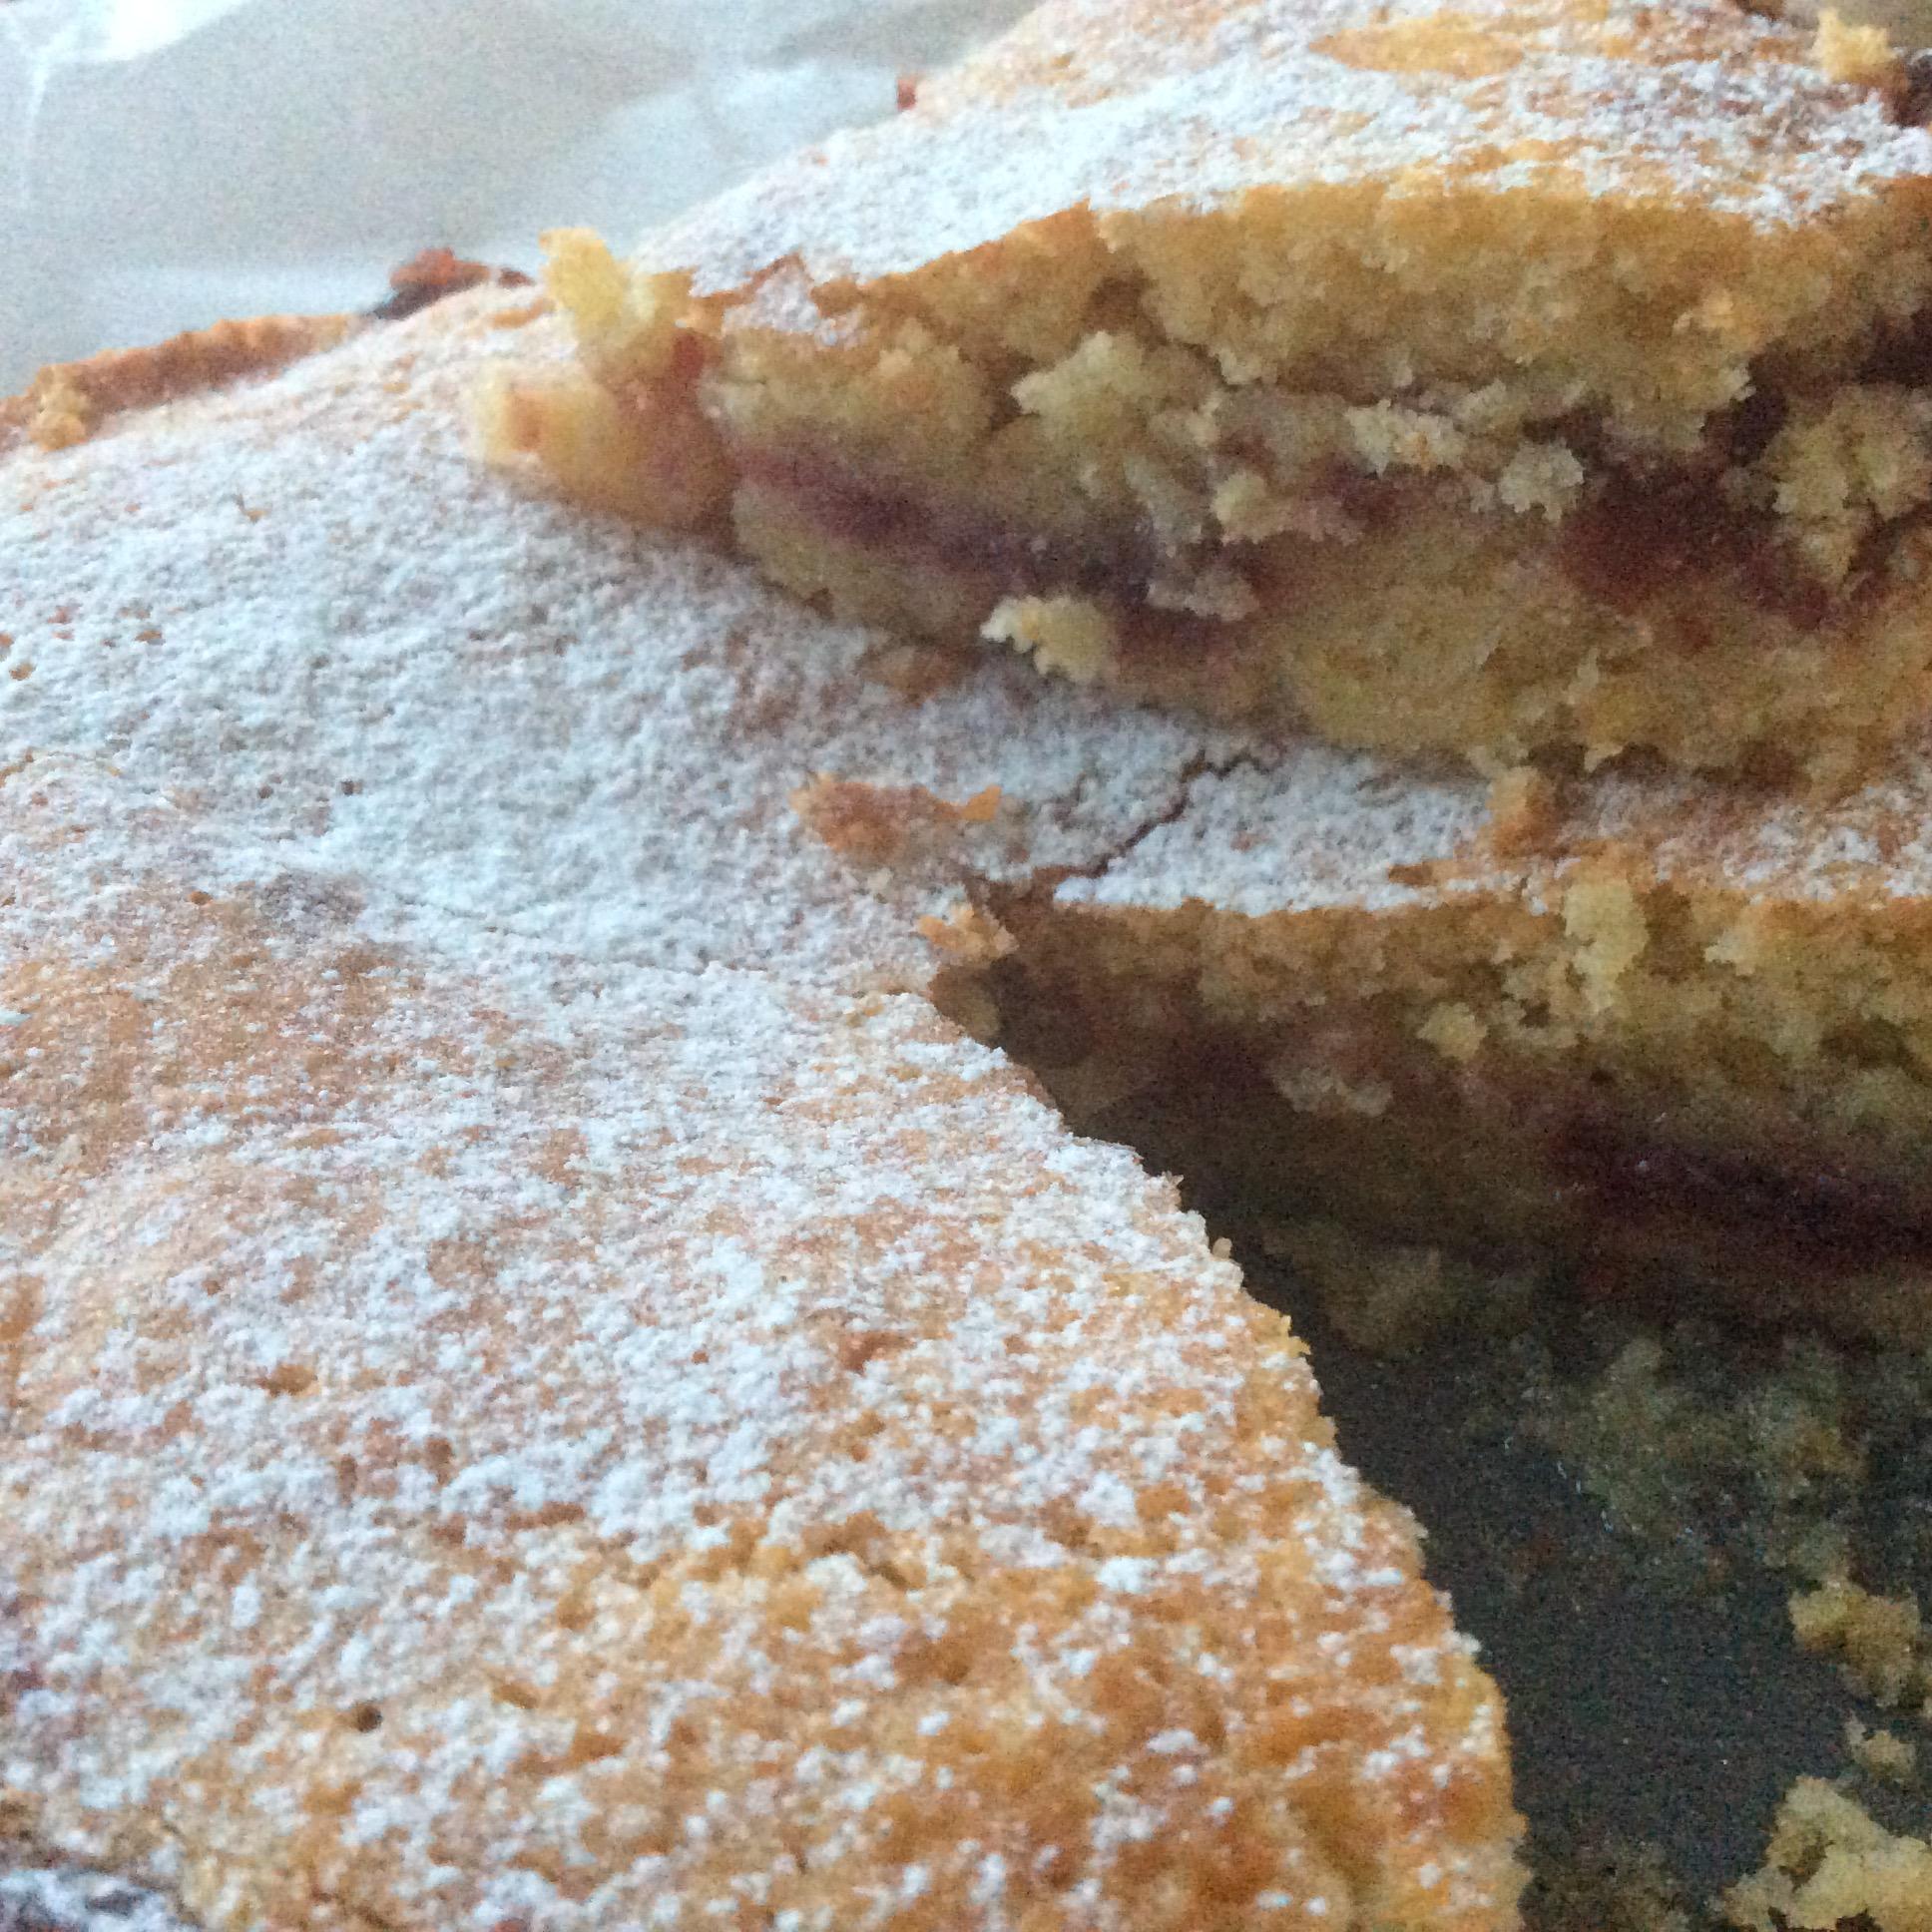 Torta croccante con confettura di ciliegie (2)